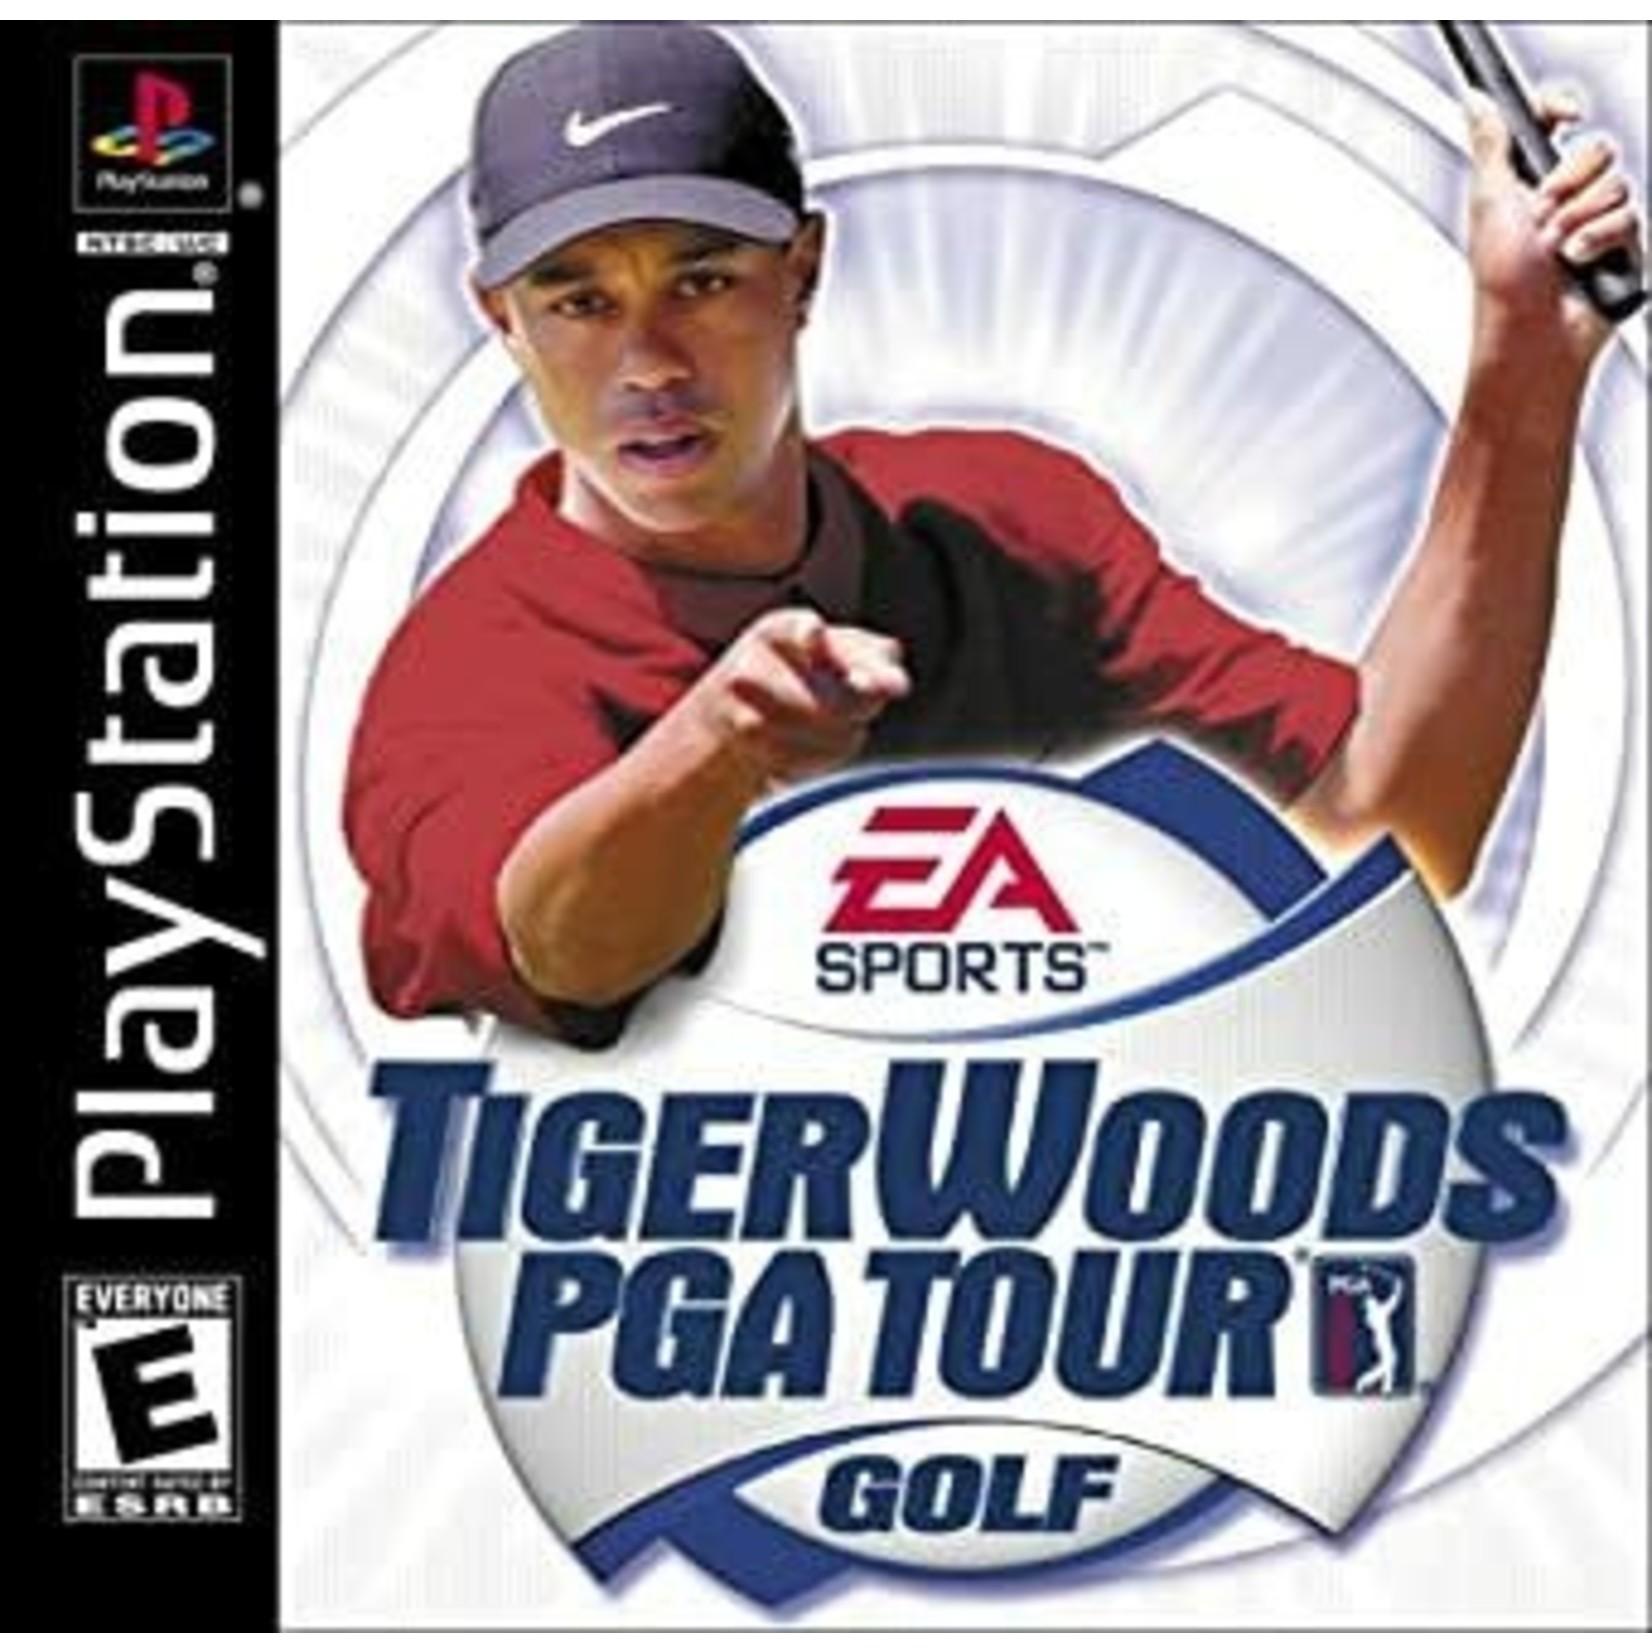 ps1u-Tiger Woods PGA Tour Golf